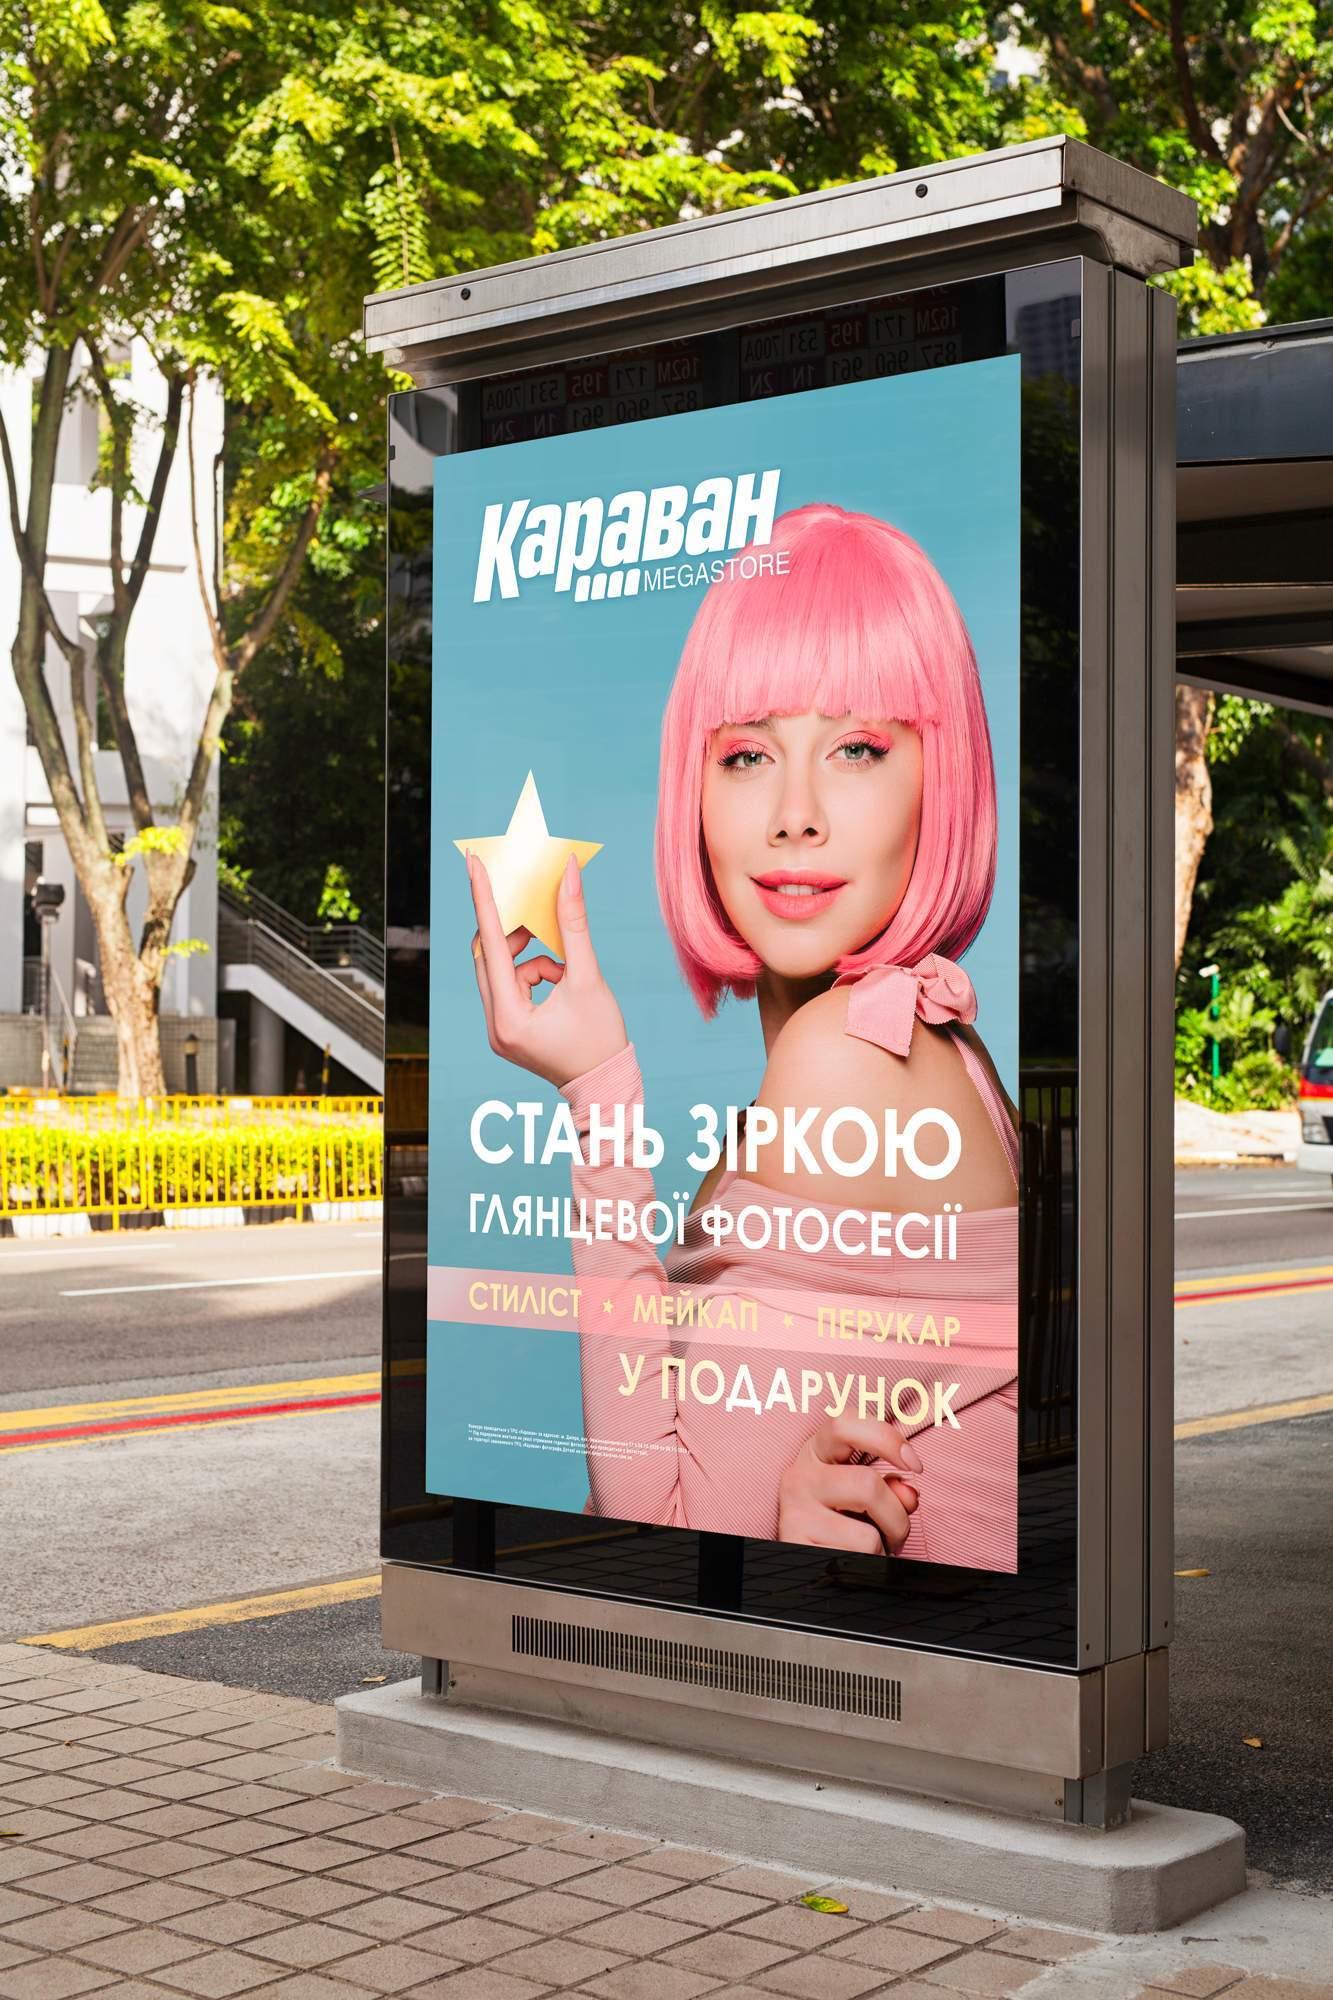 Розробка дизайну сіті лайт Київ, рекламний постер ТЦ КАРАВАН, СТАНЬ ЗІРКОЮ